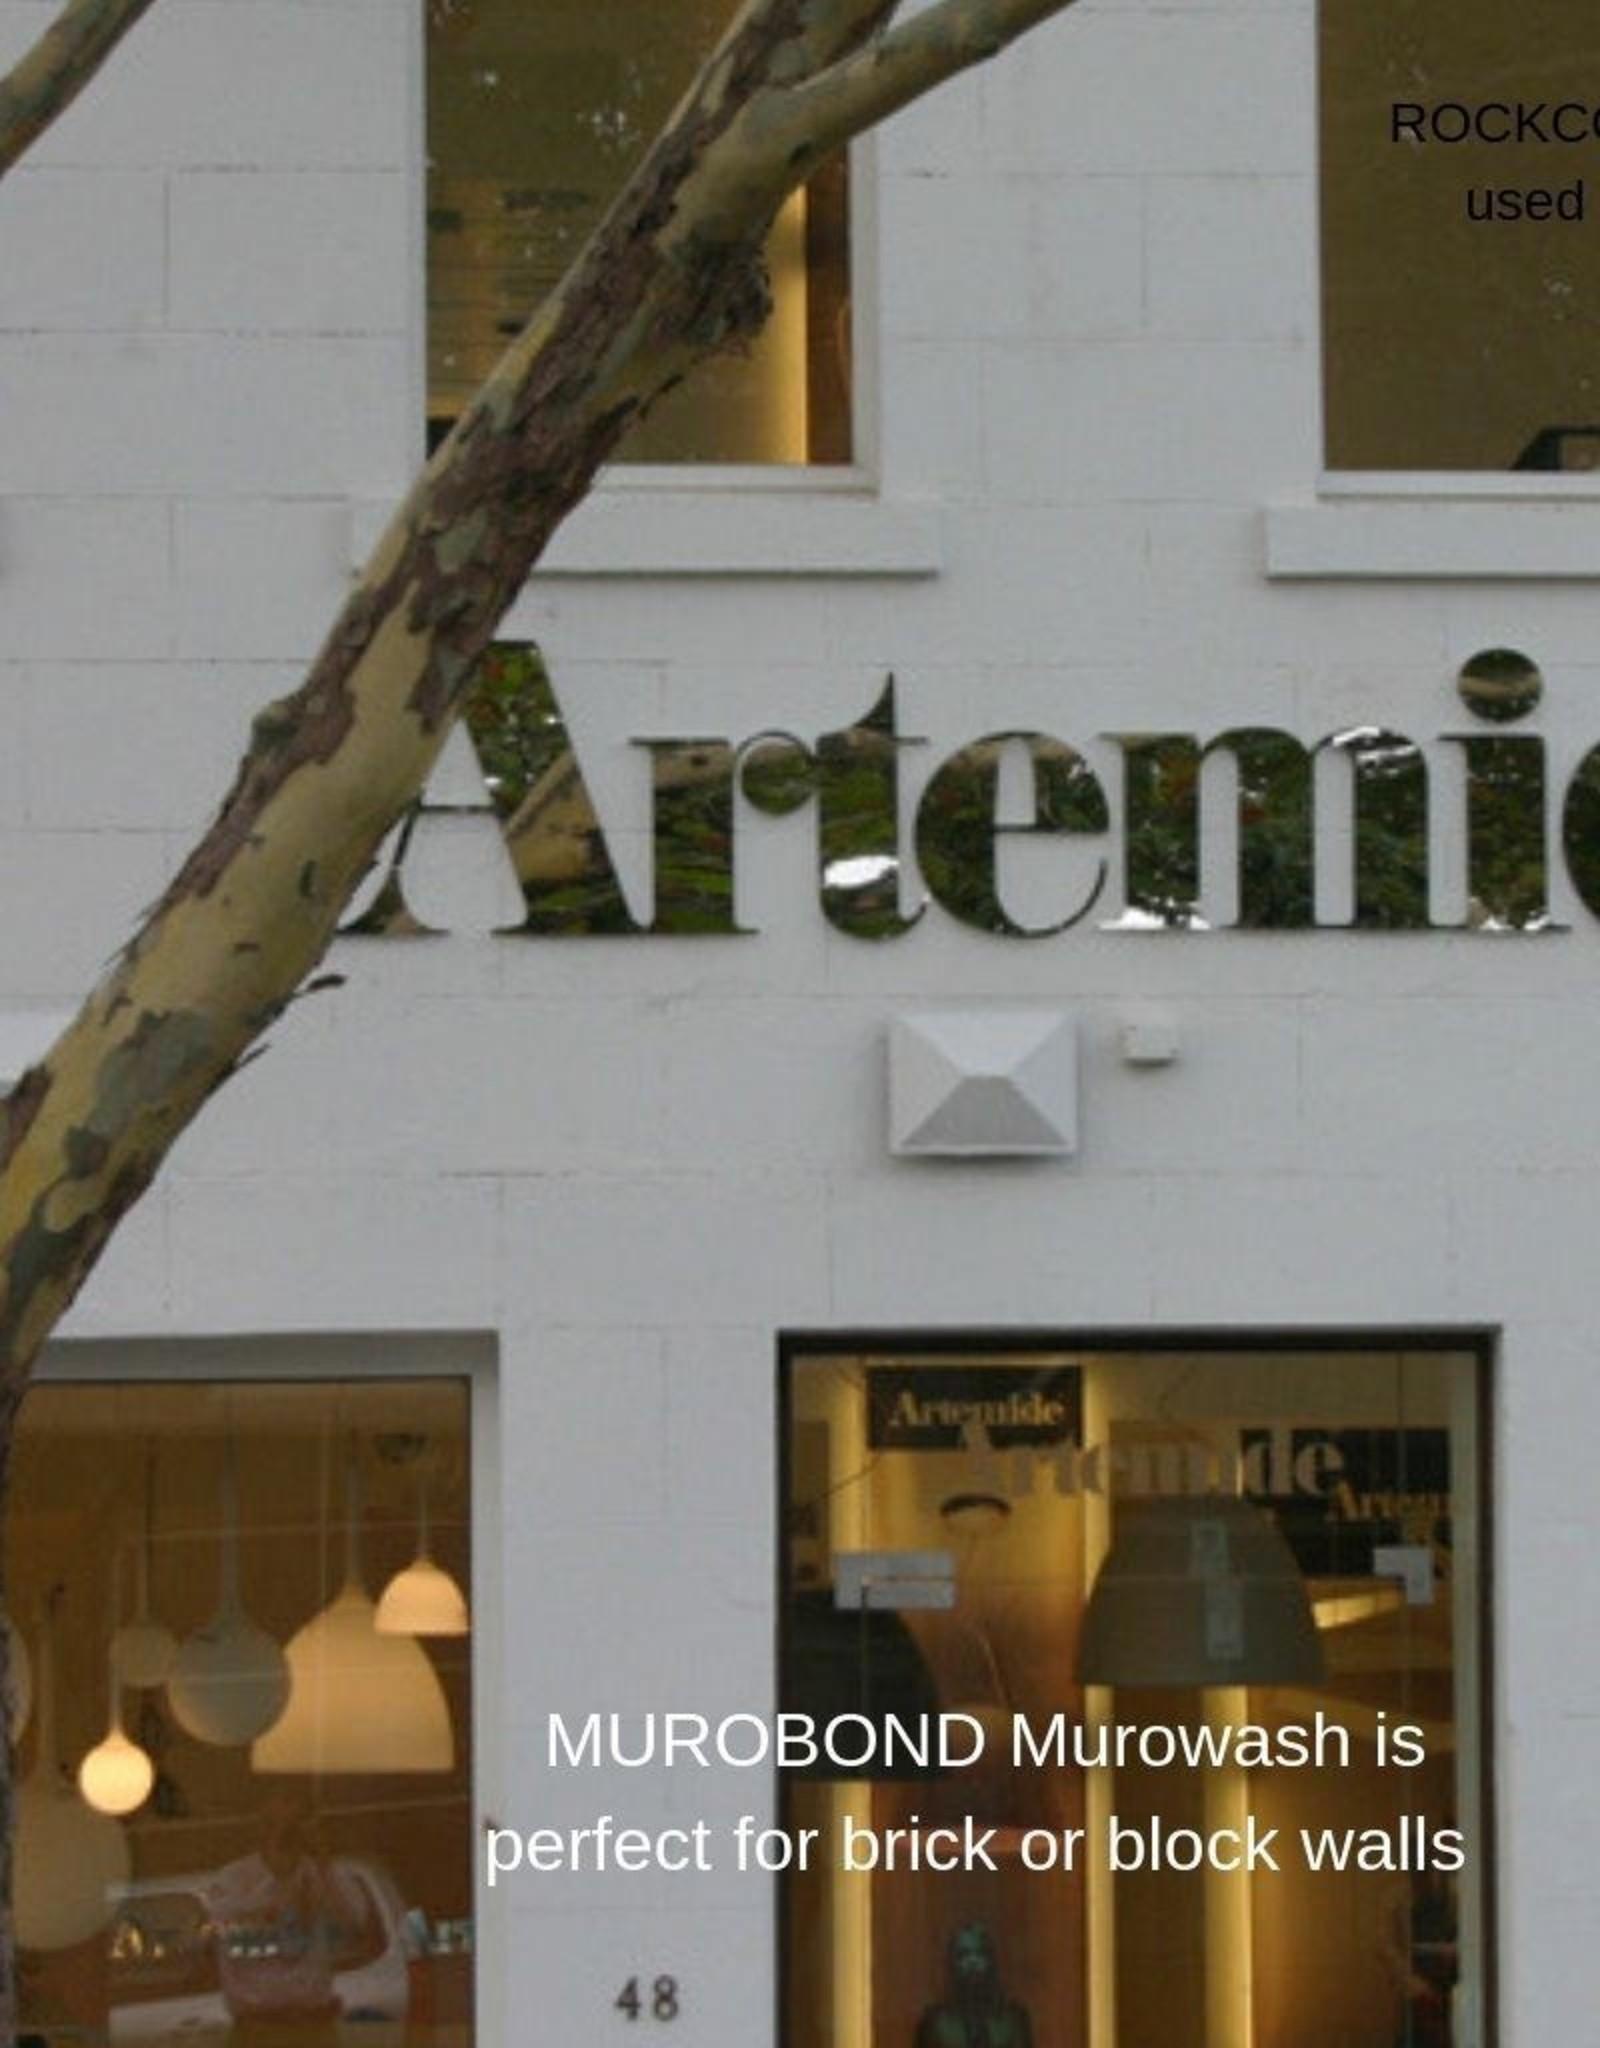 MUROBOND Murowash